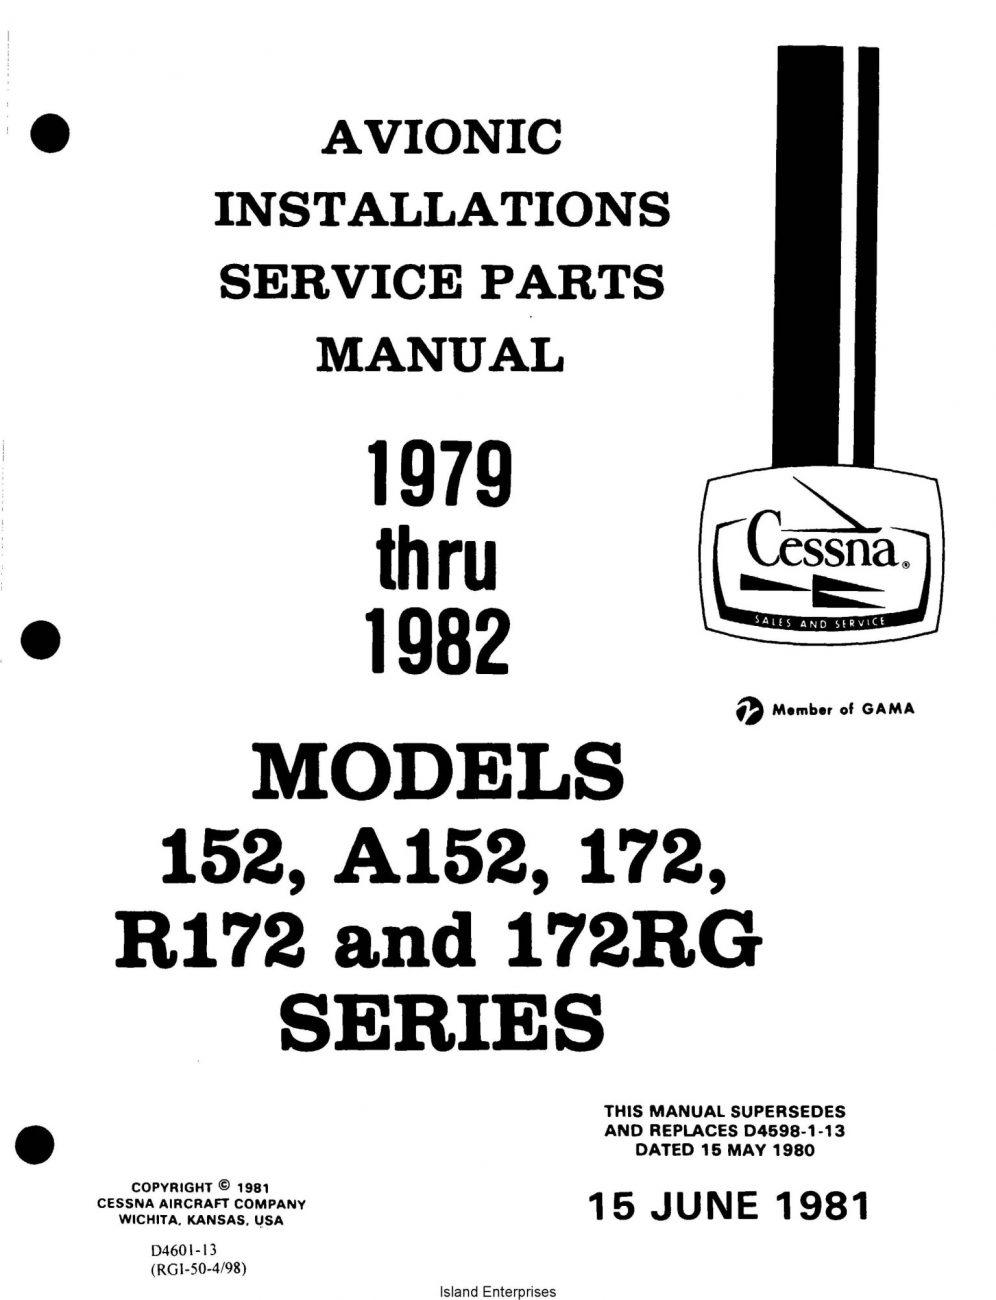 Cessna Model 152, A152, 172, R172, 172RG Service/Parts